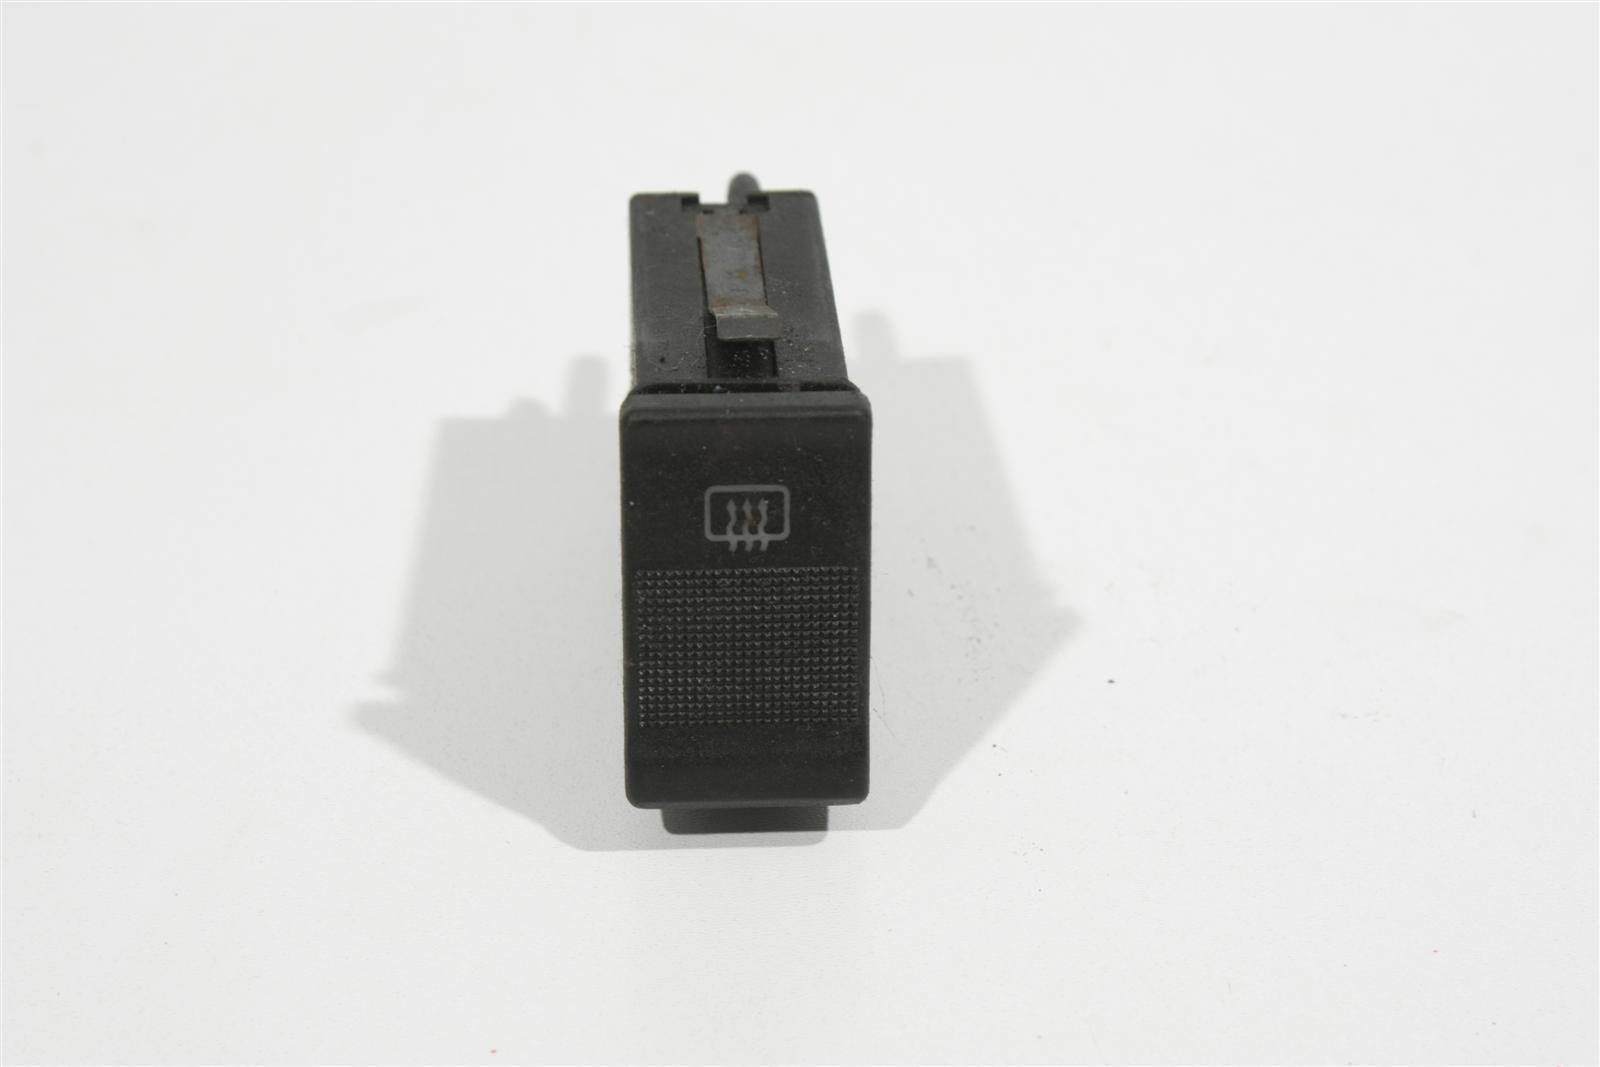 Audi 80/90/100/200/V8/A6 C4 Schalter Heckscheibenheizung 4A0941503A